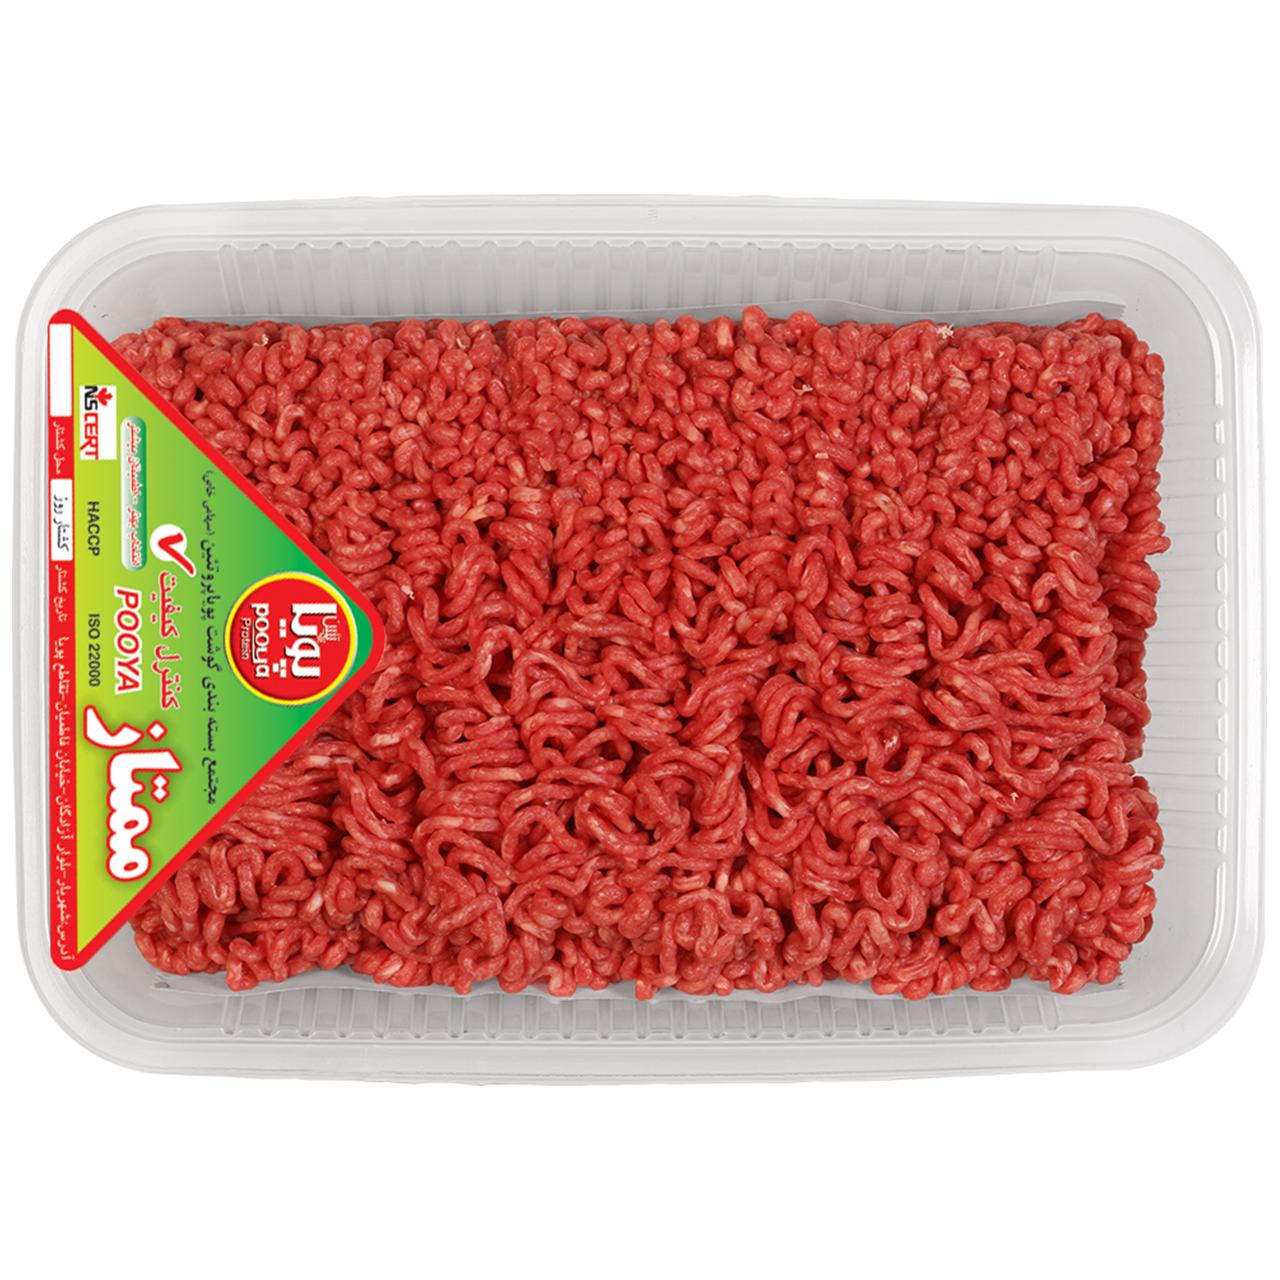 گوشت چرخ کرده مخلوط گوساله و گوسفند پویا پروتئین وزن 500 گرم